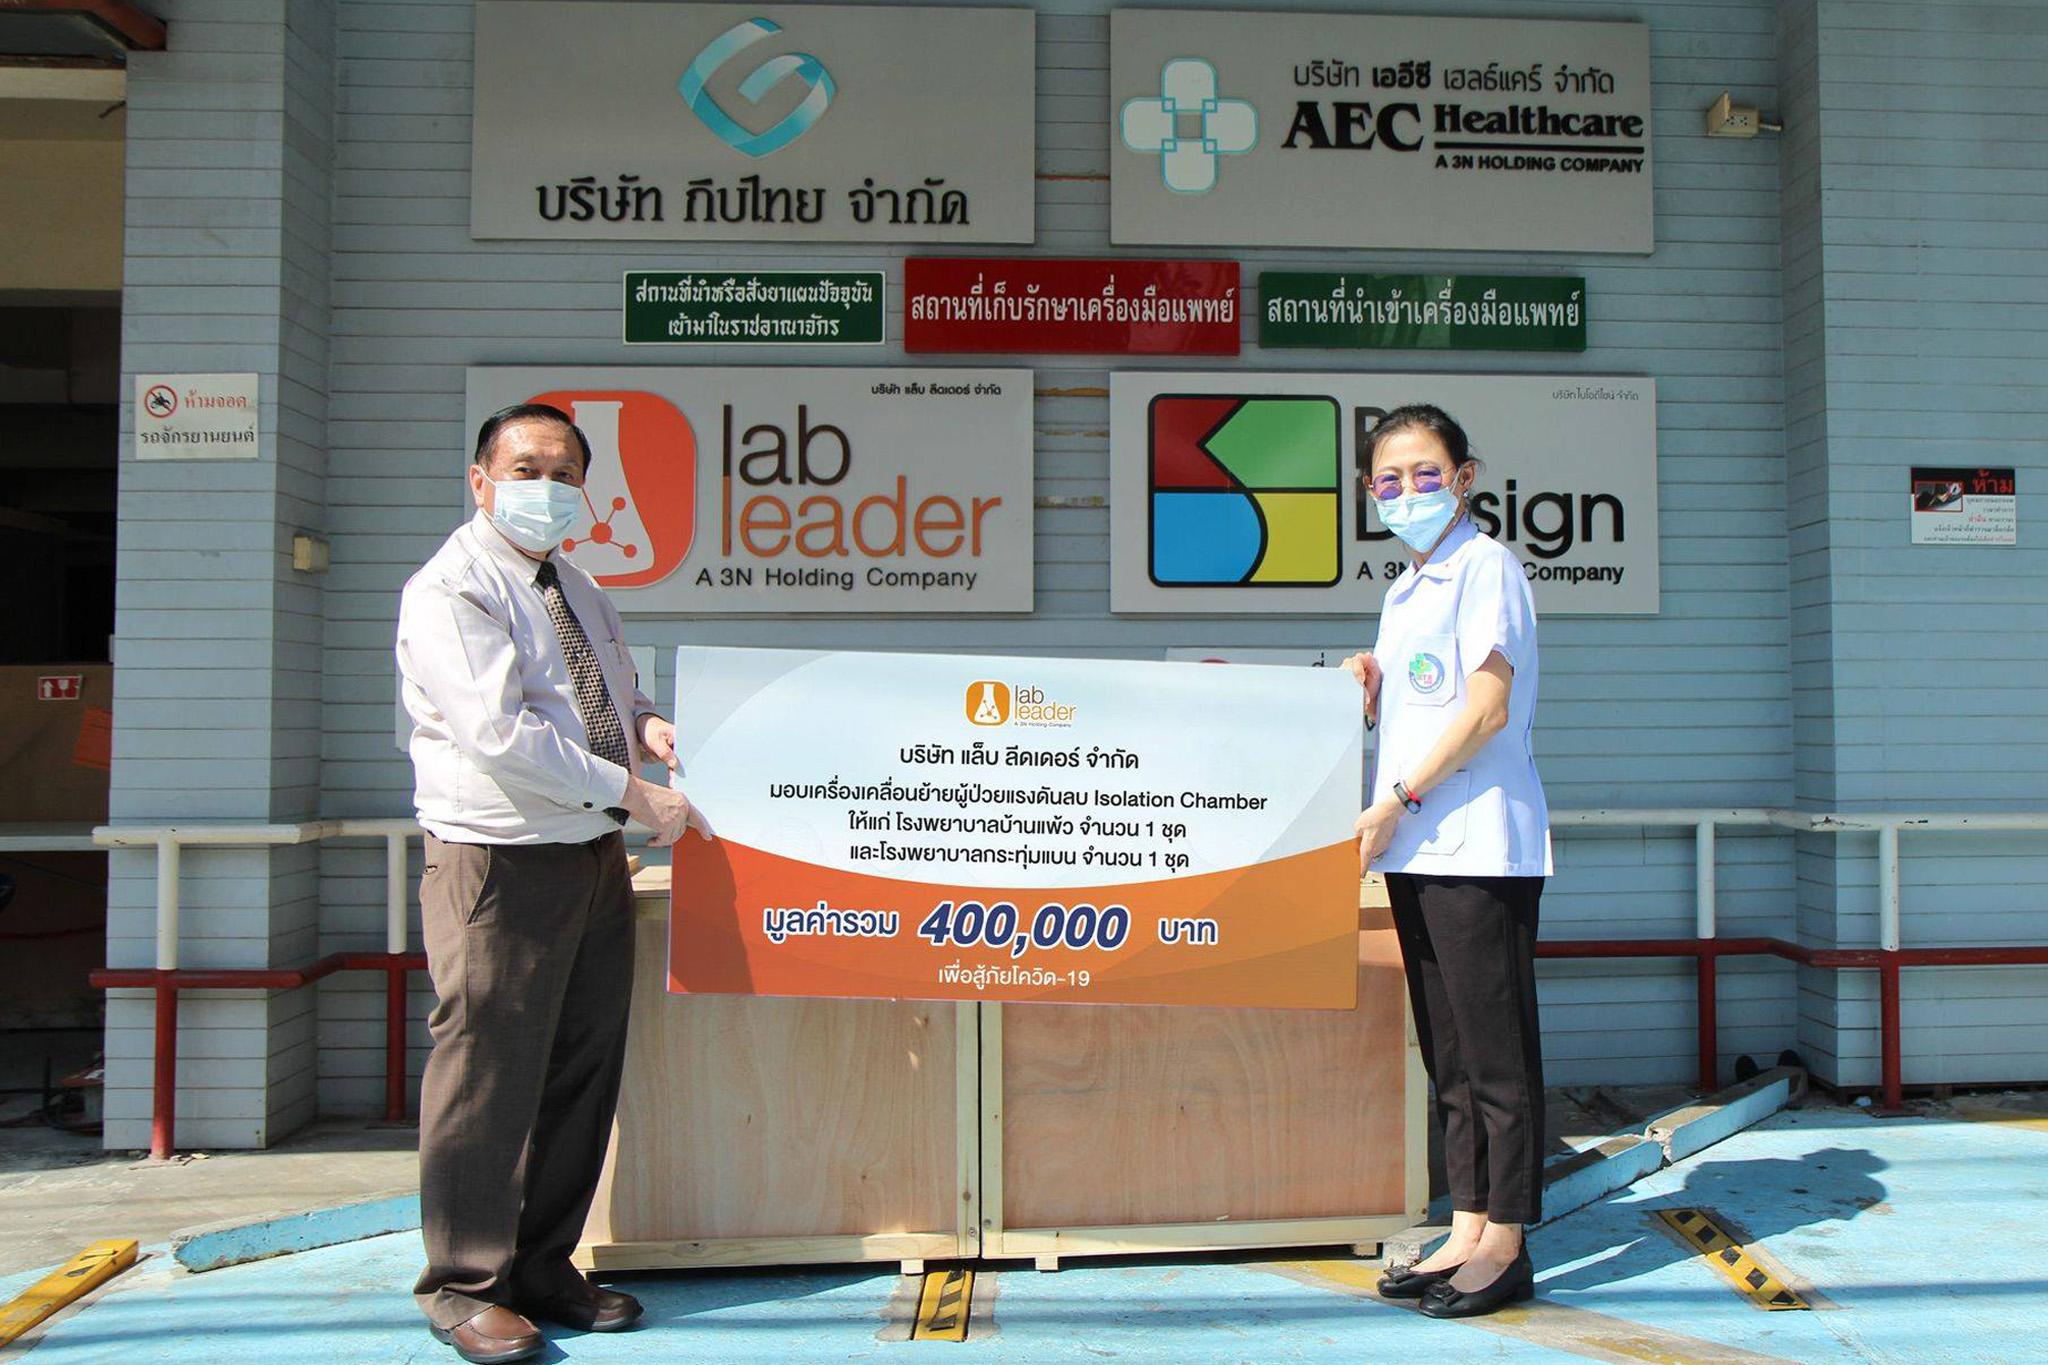 บริษัท กิบไทย จำกัด และบริษัทแล็บ ลีดเดอร์ จำกัด ร่วมบริจาคเครื่องเคลื่อนย้ายผู้ป่วยแรงดันลบ Isolation Chamber